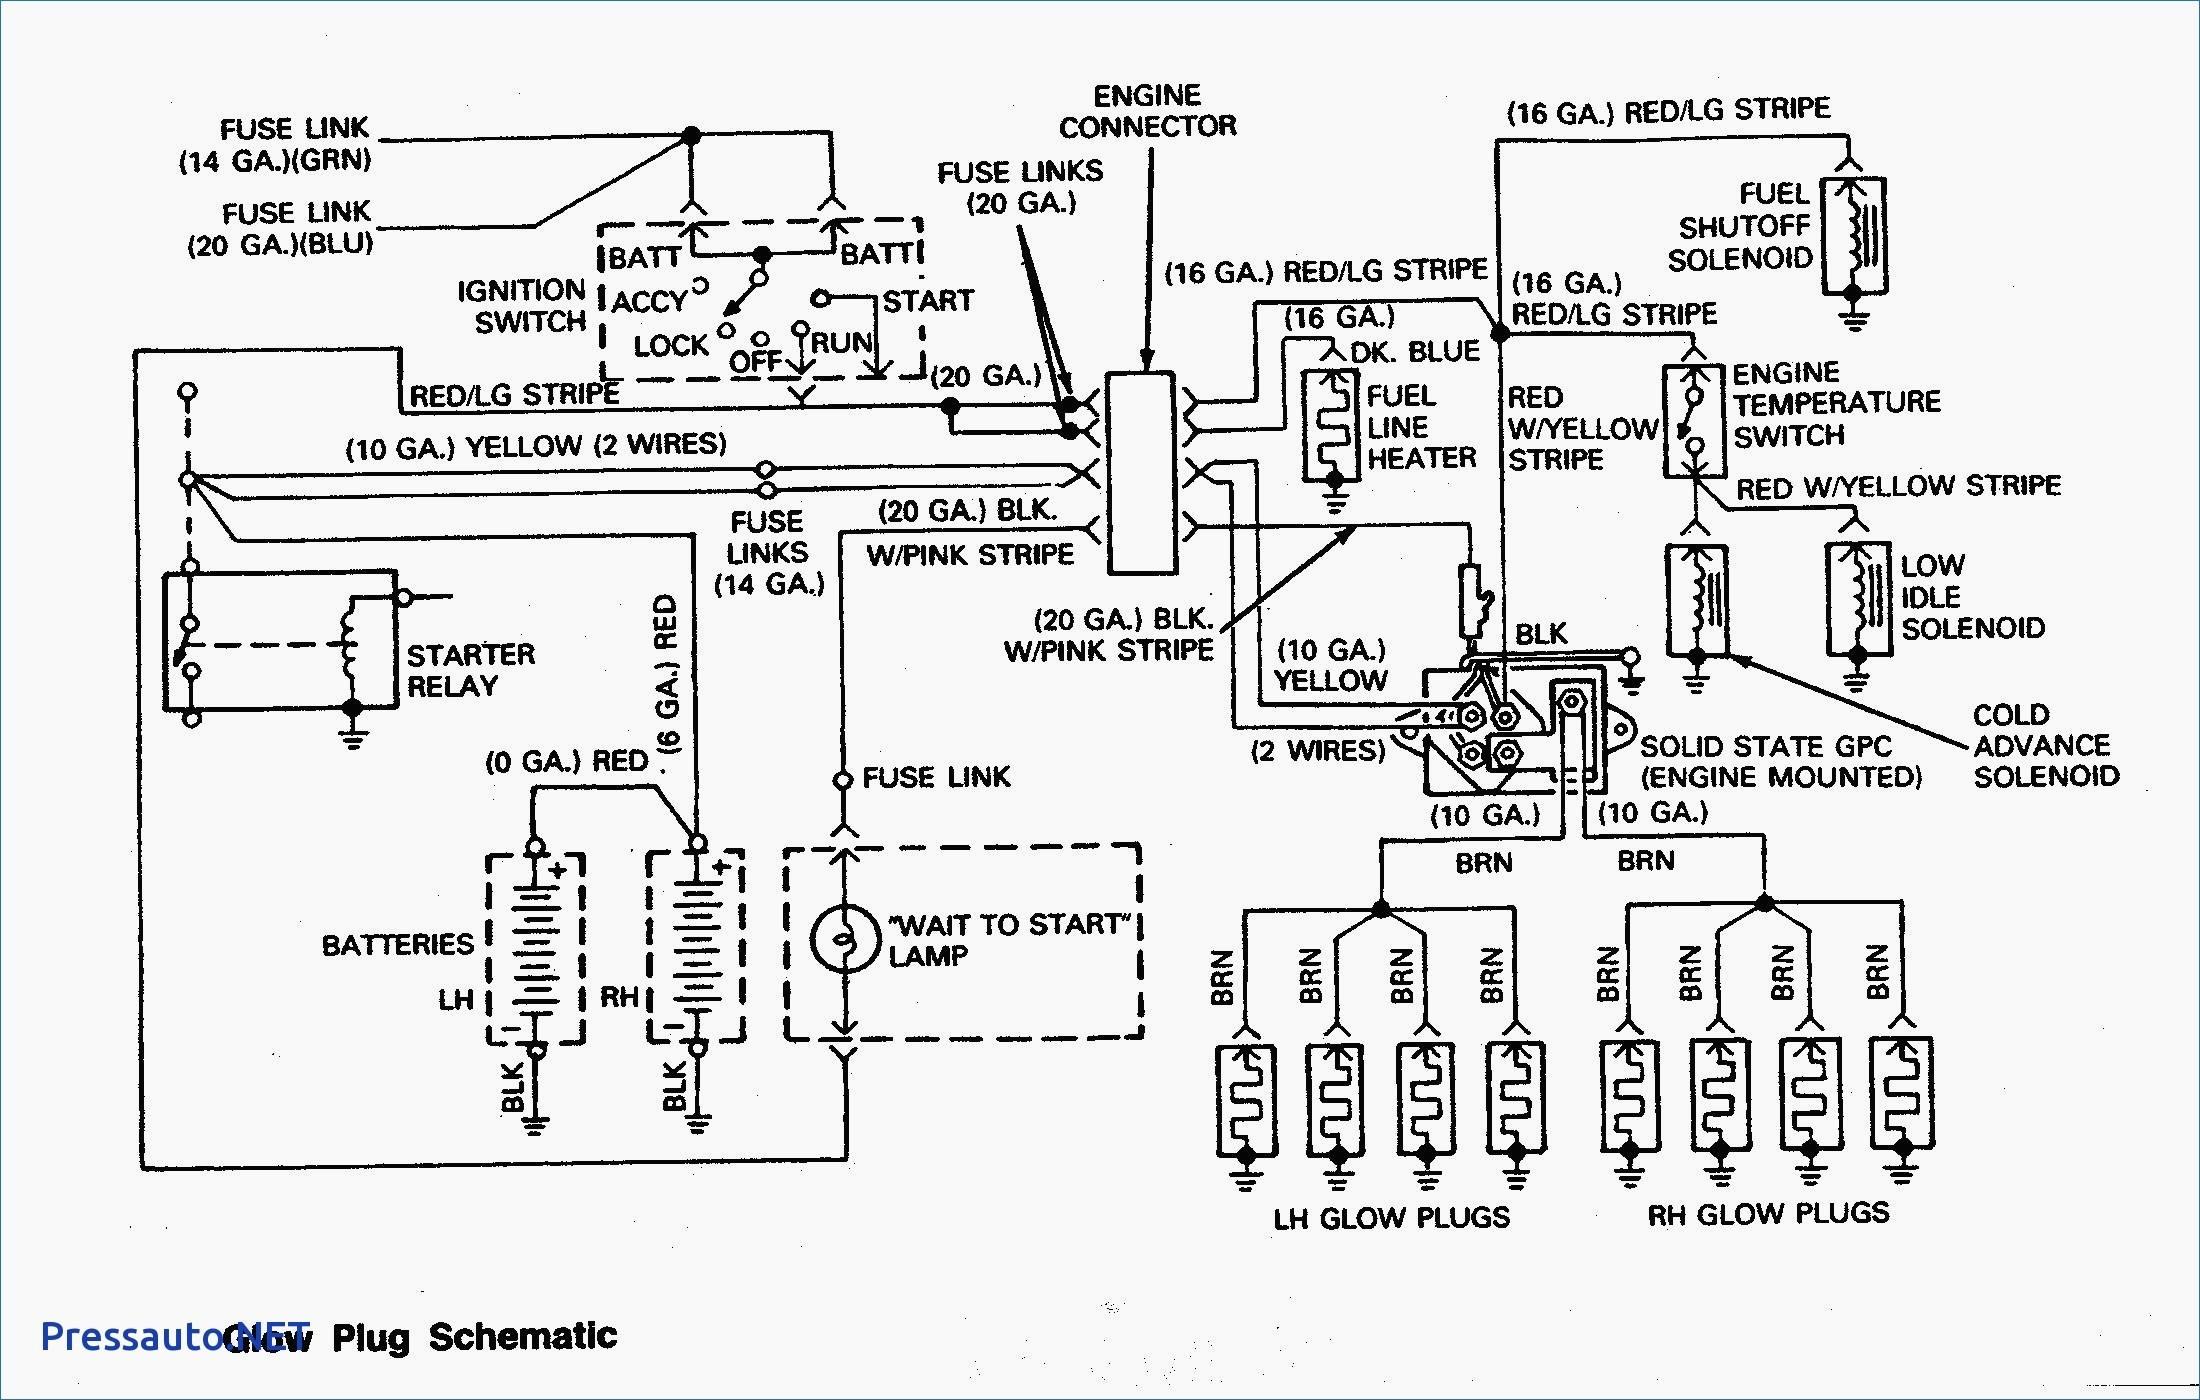 Inspirational 7 3 Powerstroke Glow Plug Relay Wiring Diagram